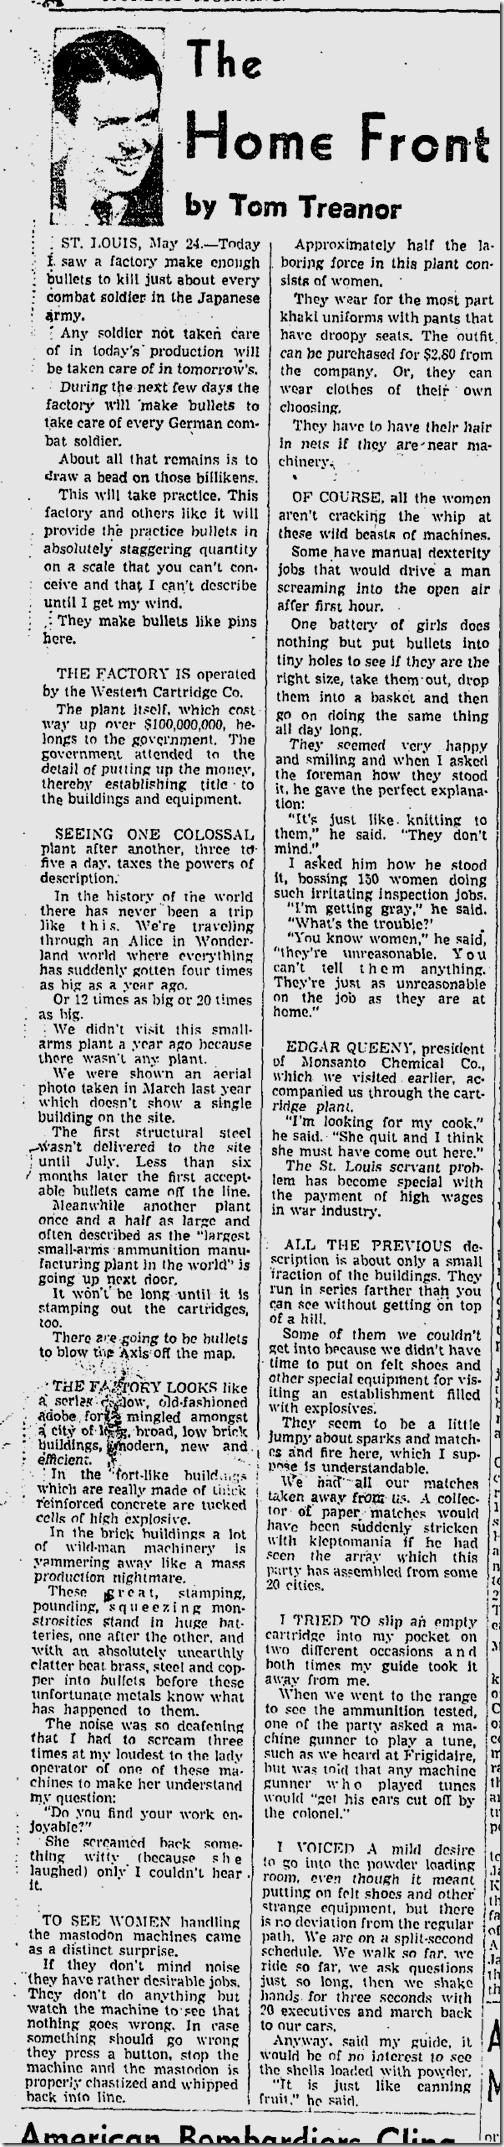 May 23, 1942, Tom Treanor